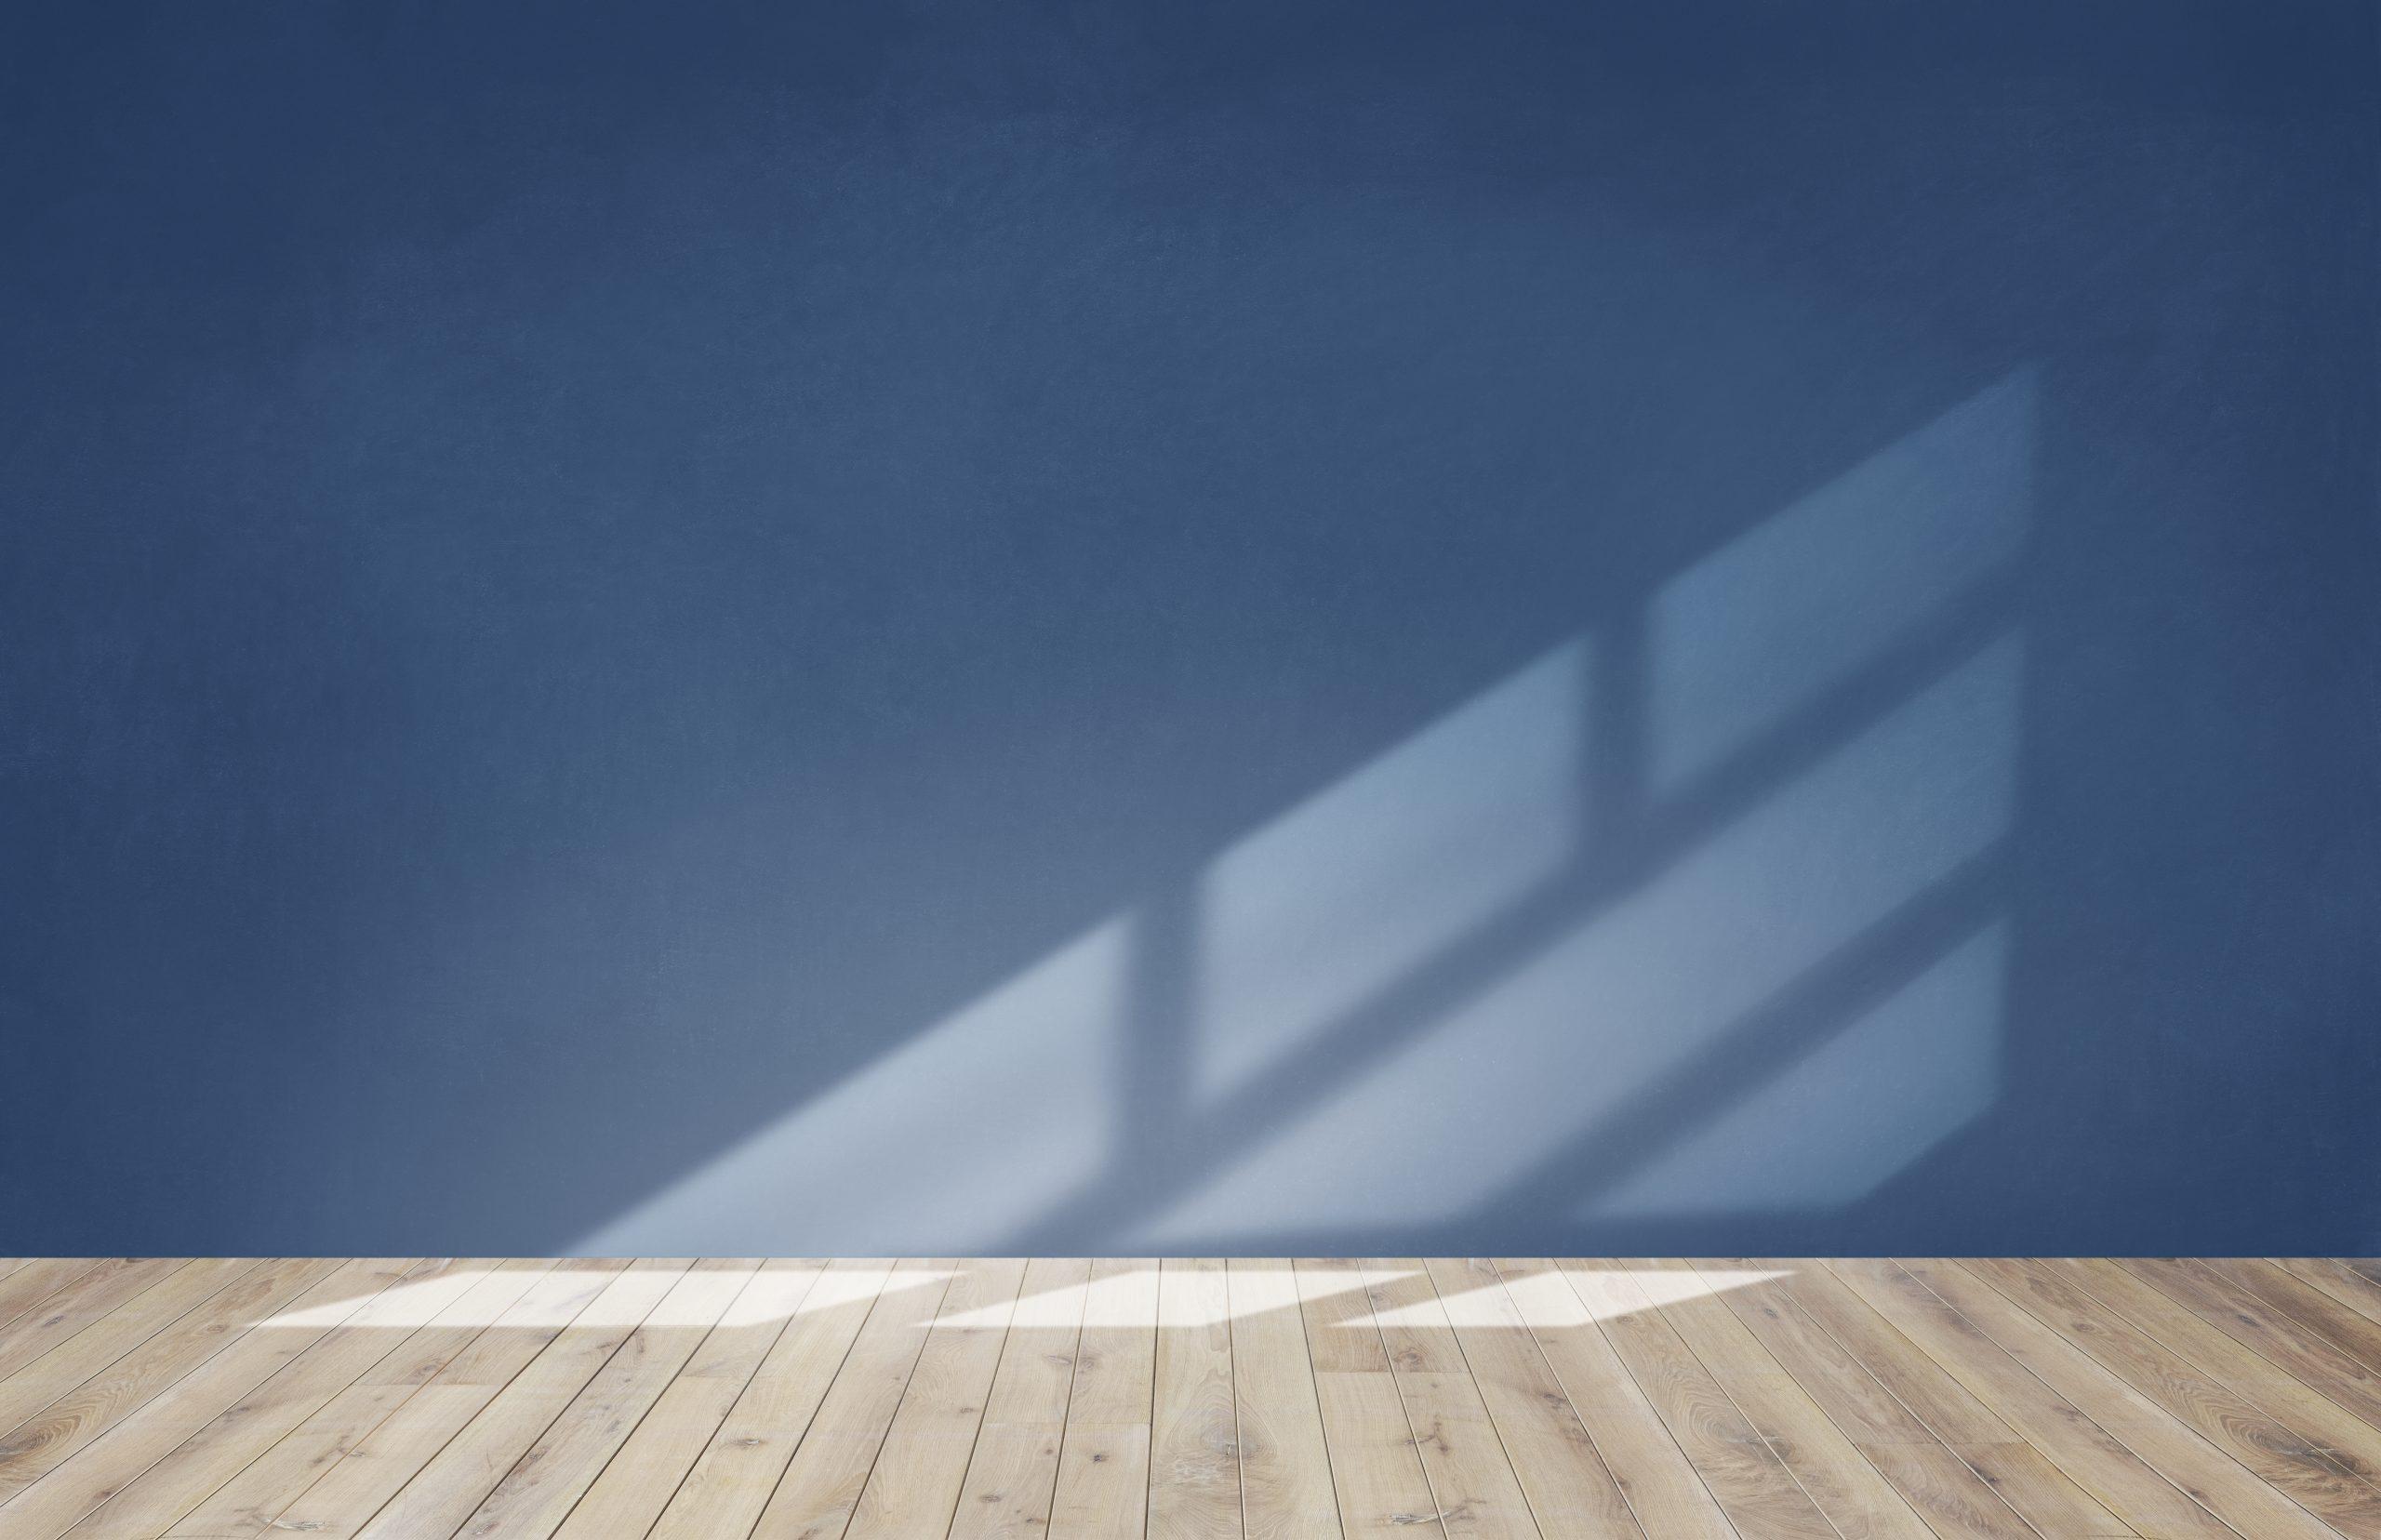 Deski podłogowe – na co zwrócić uwagę przy wyborze drewna